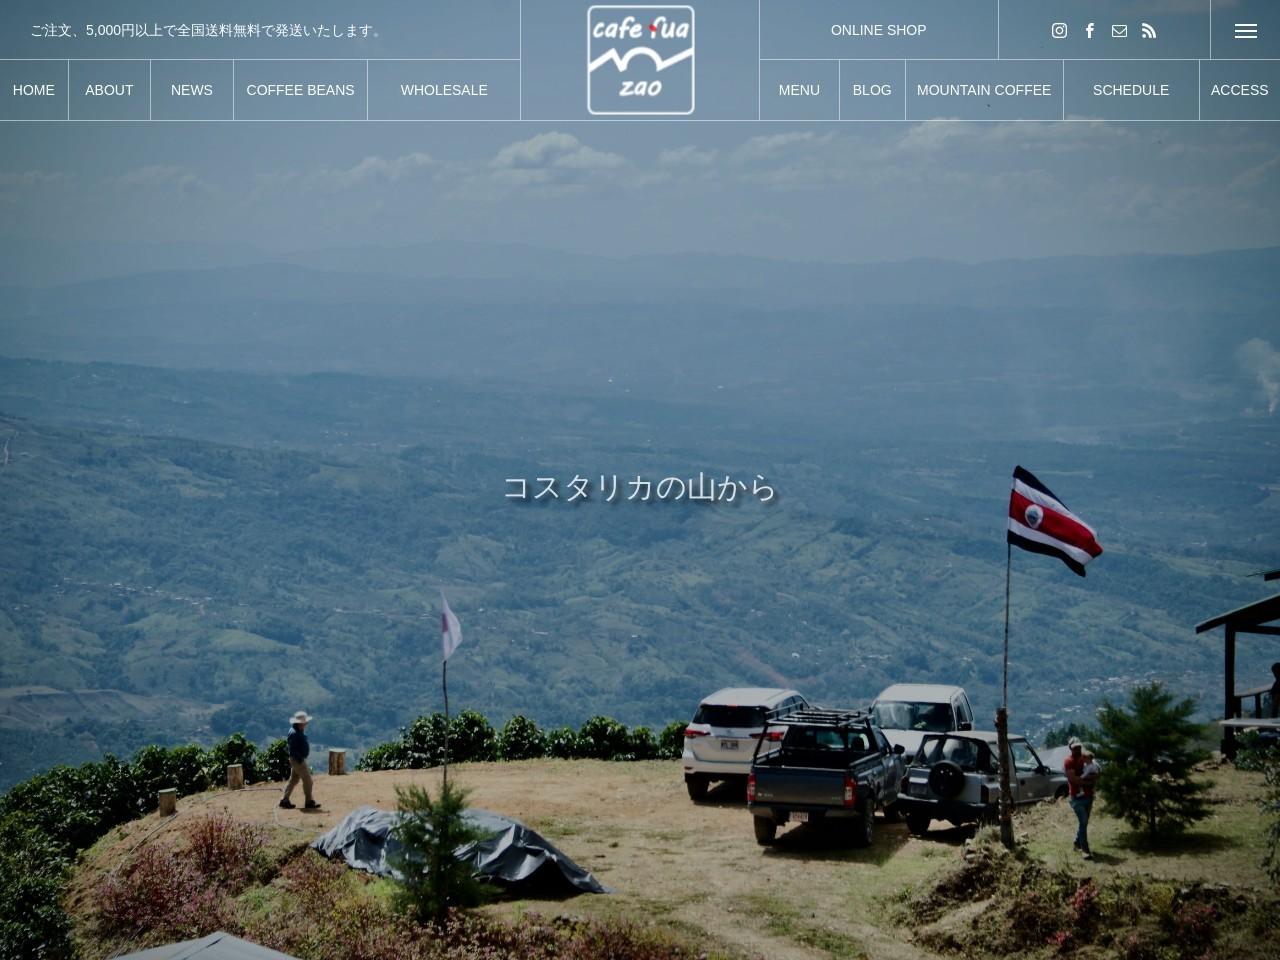 cafe fua homepage | スペシャルティコーヒーと、蔵王と